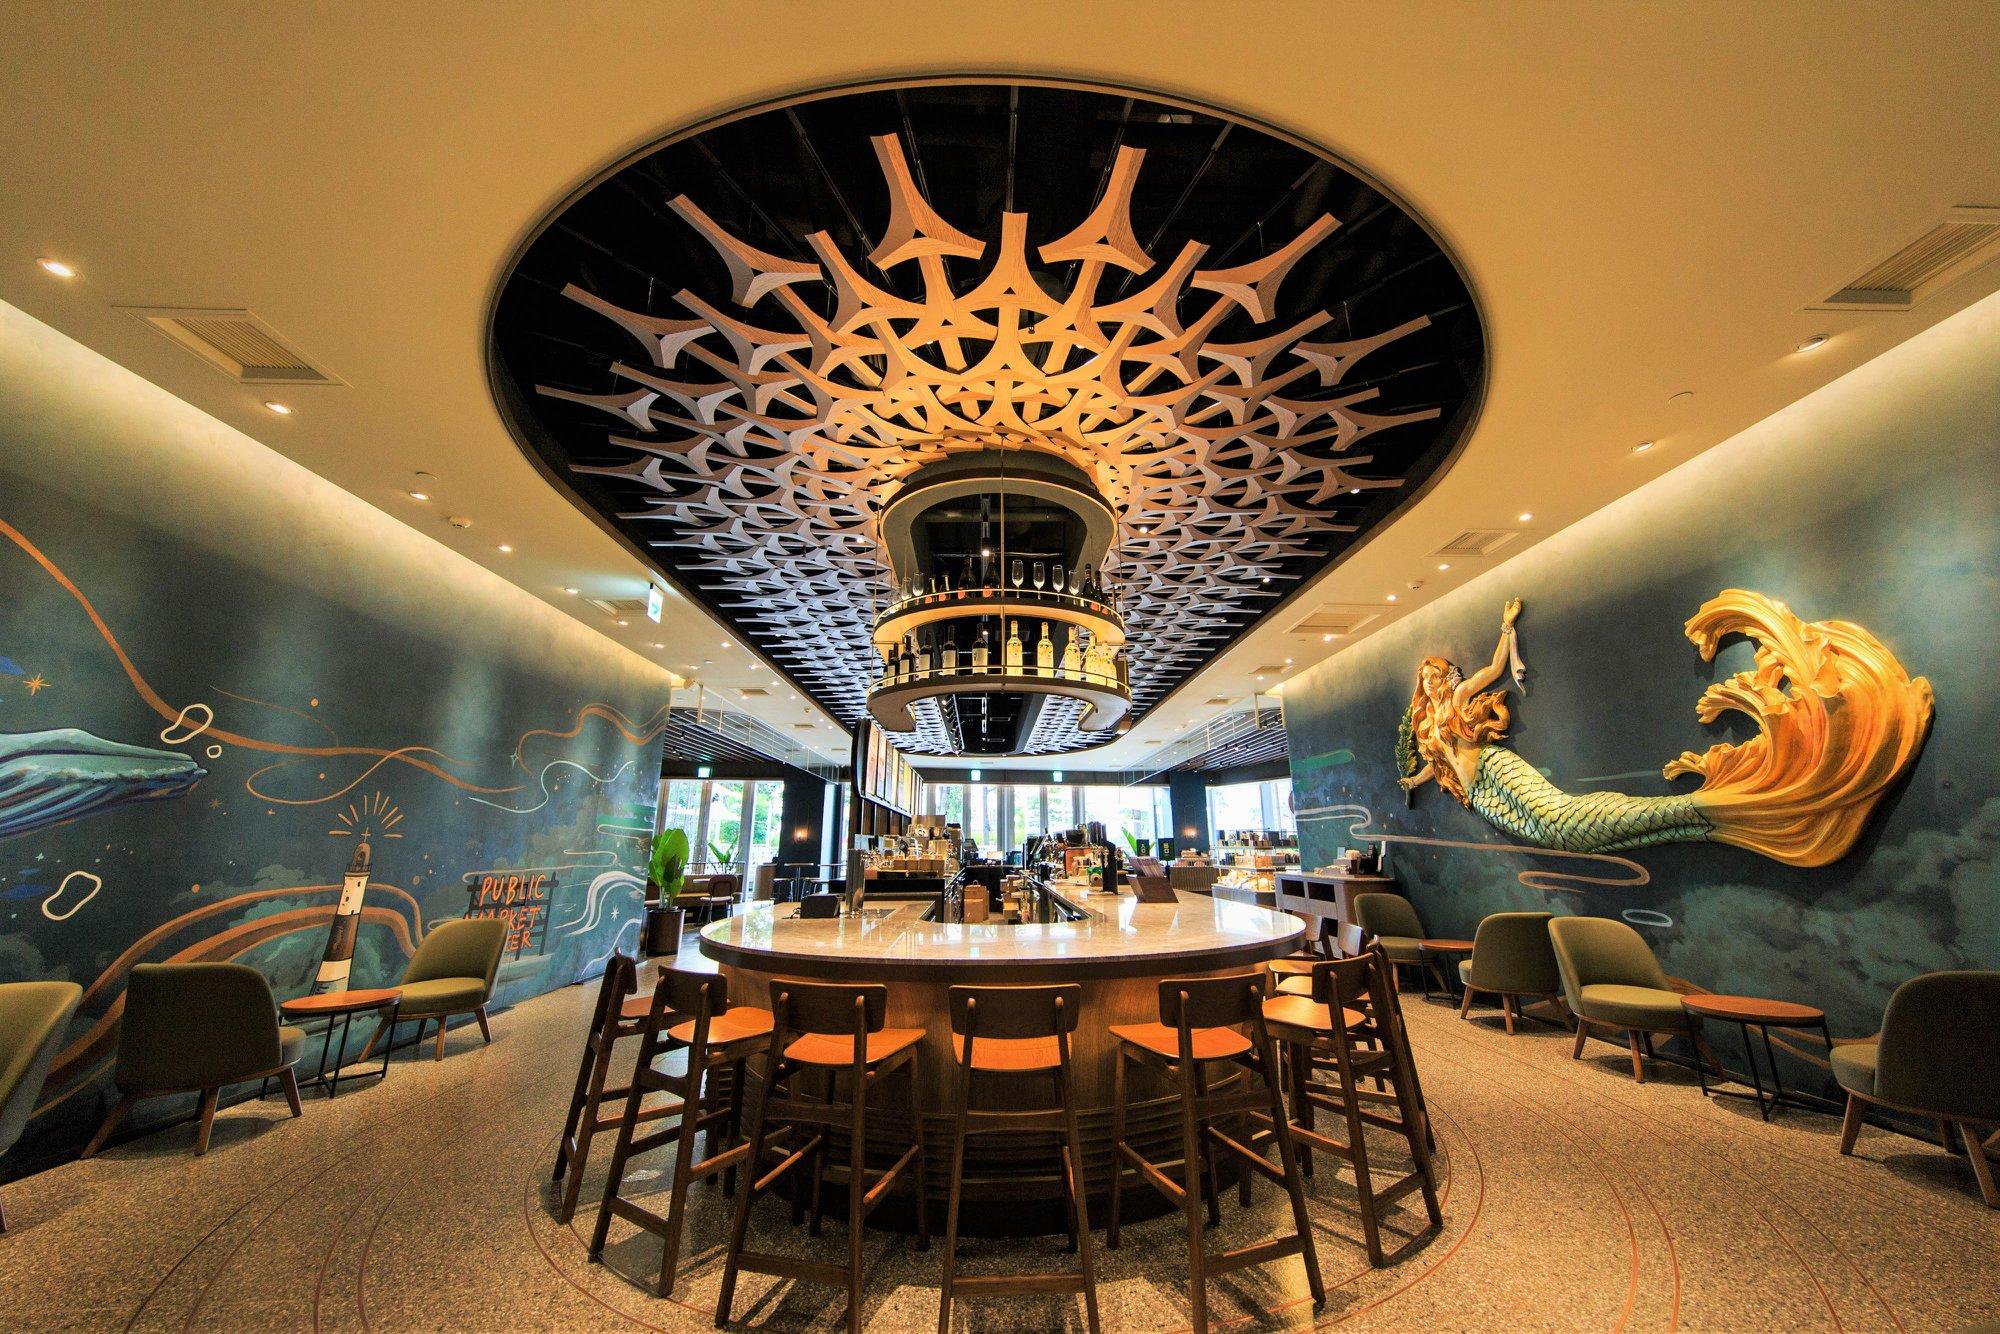 【台灣特色星巴克】高雄夢時代指標型旗艦店:首間以海洋意象設計,品味海洋般奇幻的咖啡旅程!